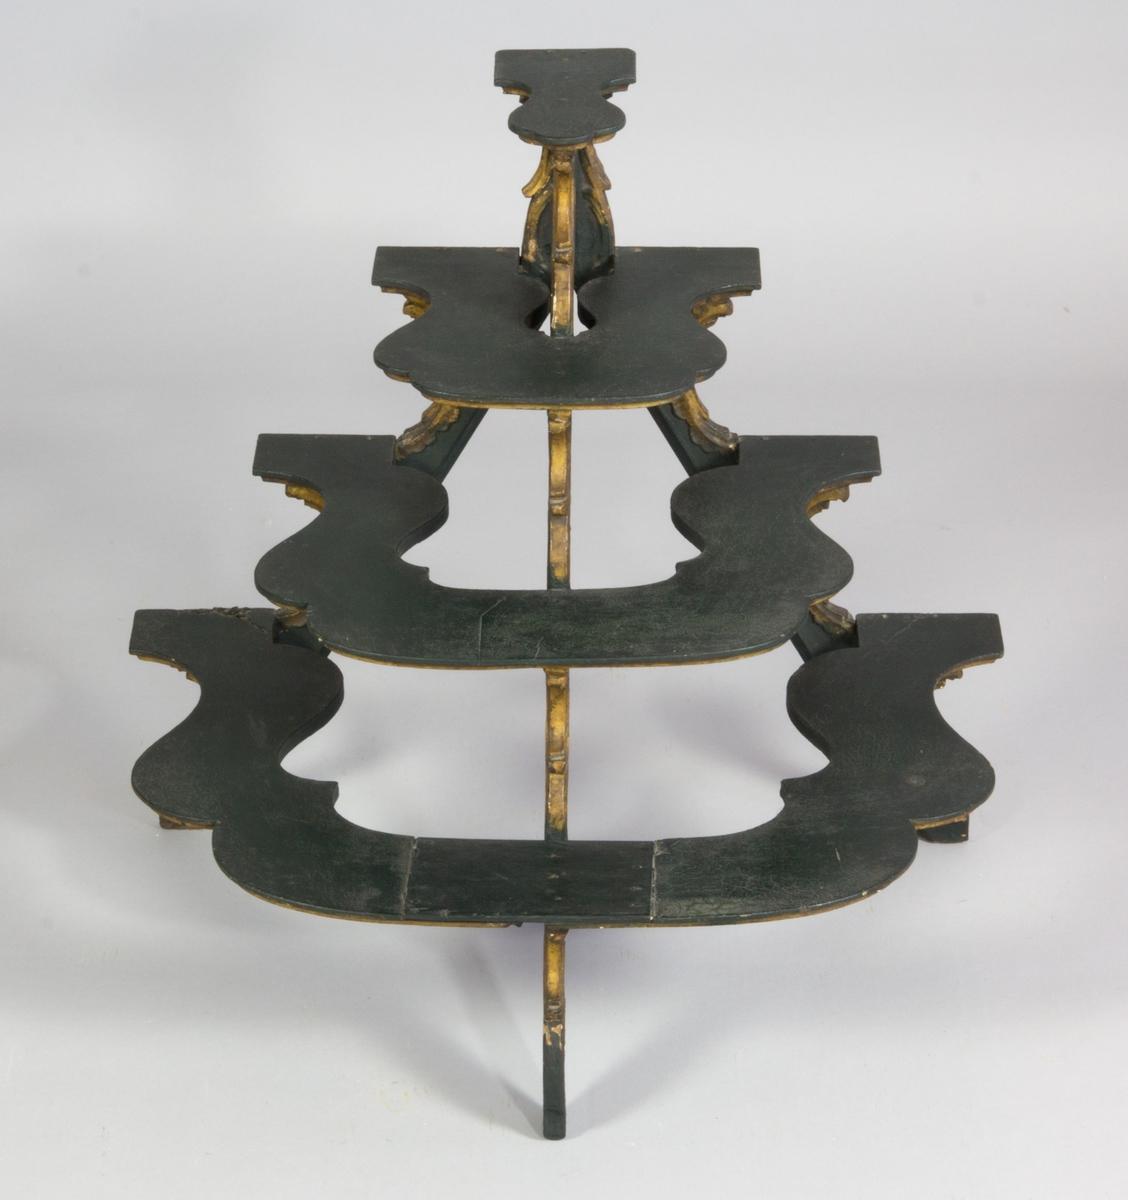 Liten hylla på tre ben med mjukt rundade hyllplan. Mörkgrön till färgen med guldbronserade kanter och ornament.